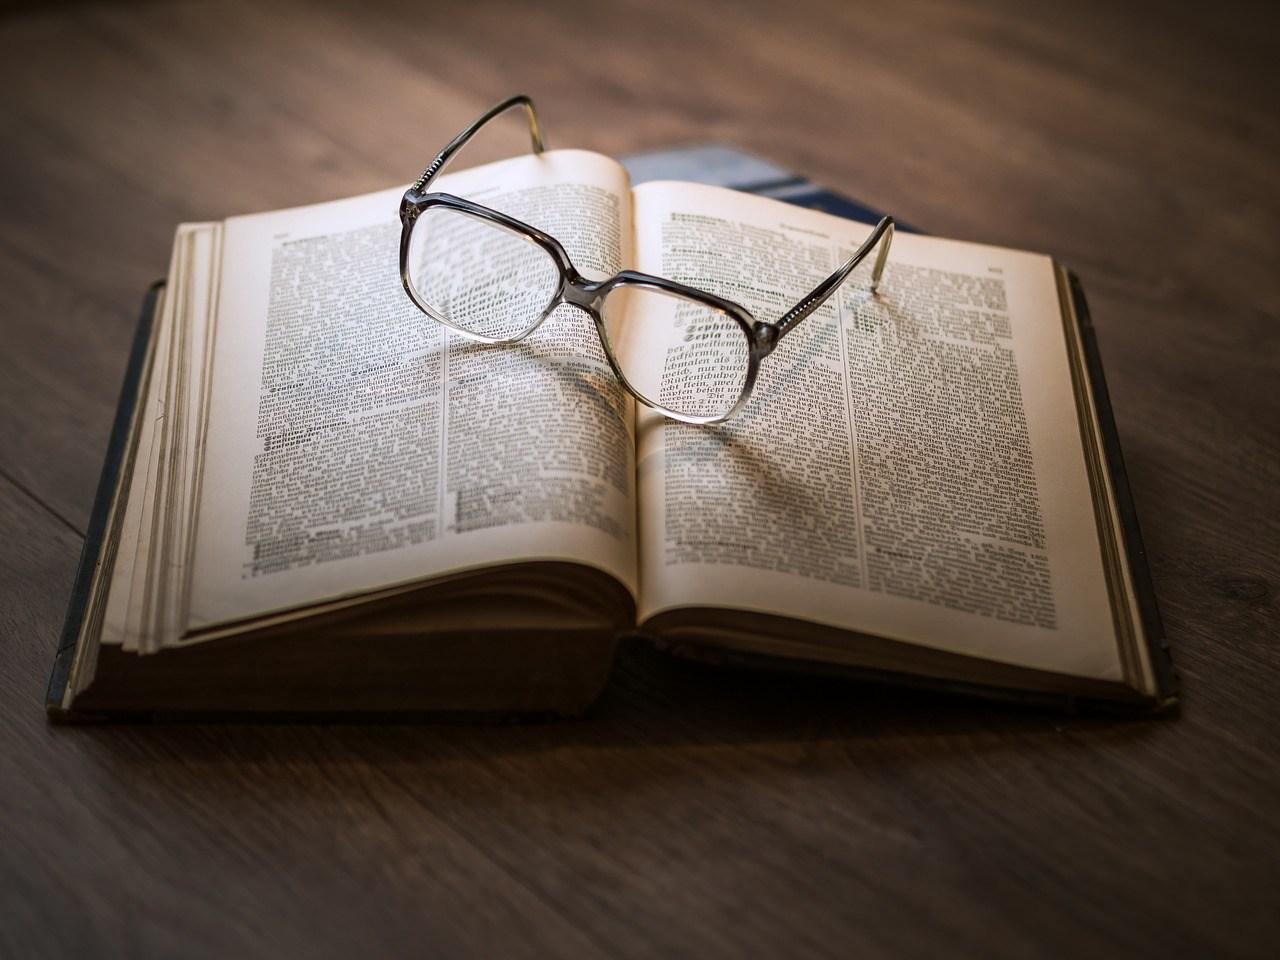 5. 把自己當做人生的教科書 但根本看錯科目 很多人會不斷以自己的經驗去建議其他人 你經歷過的每個場面,好像他都比你了解一樣 但A情境和B情境完全就是不一樣的啊!